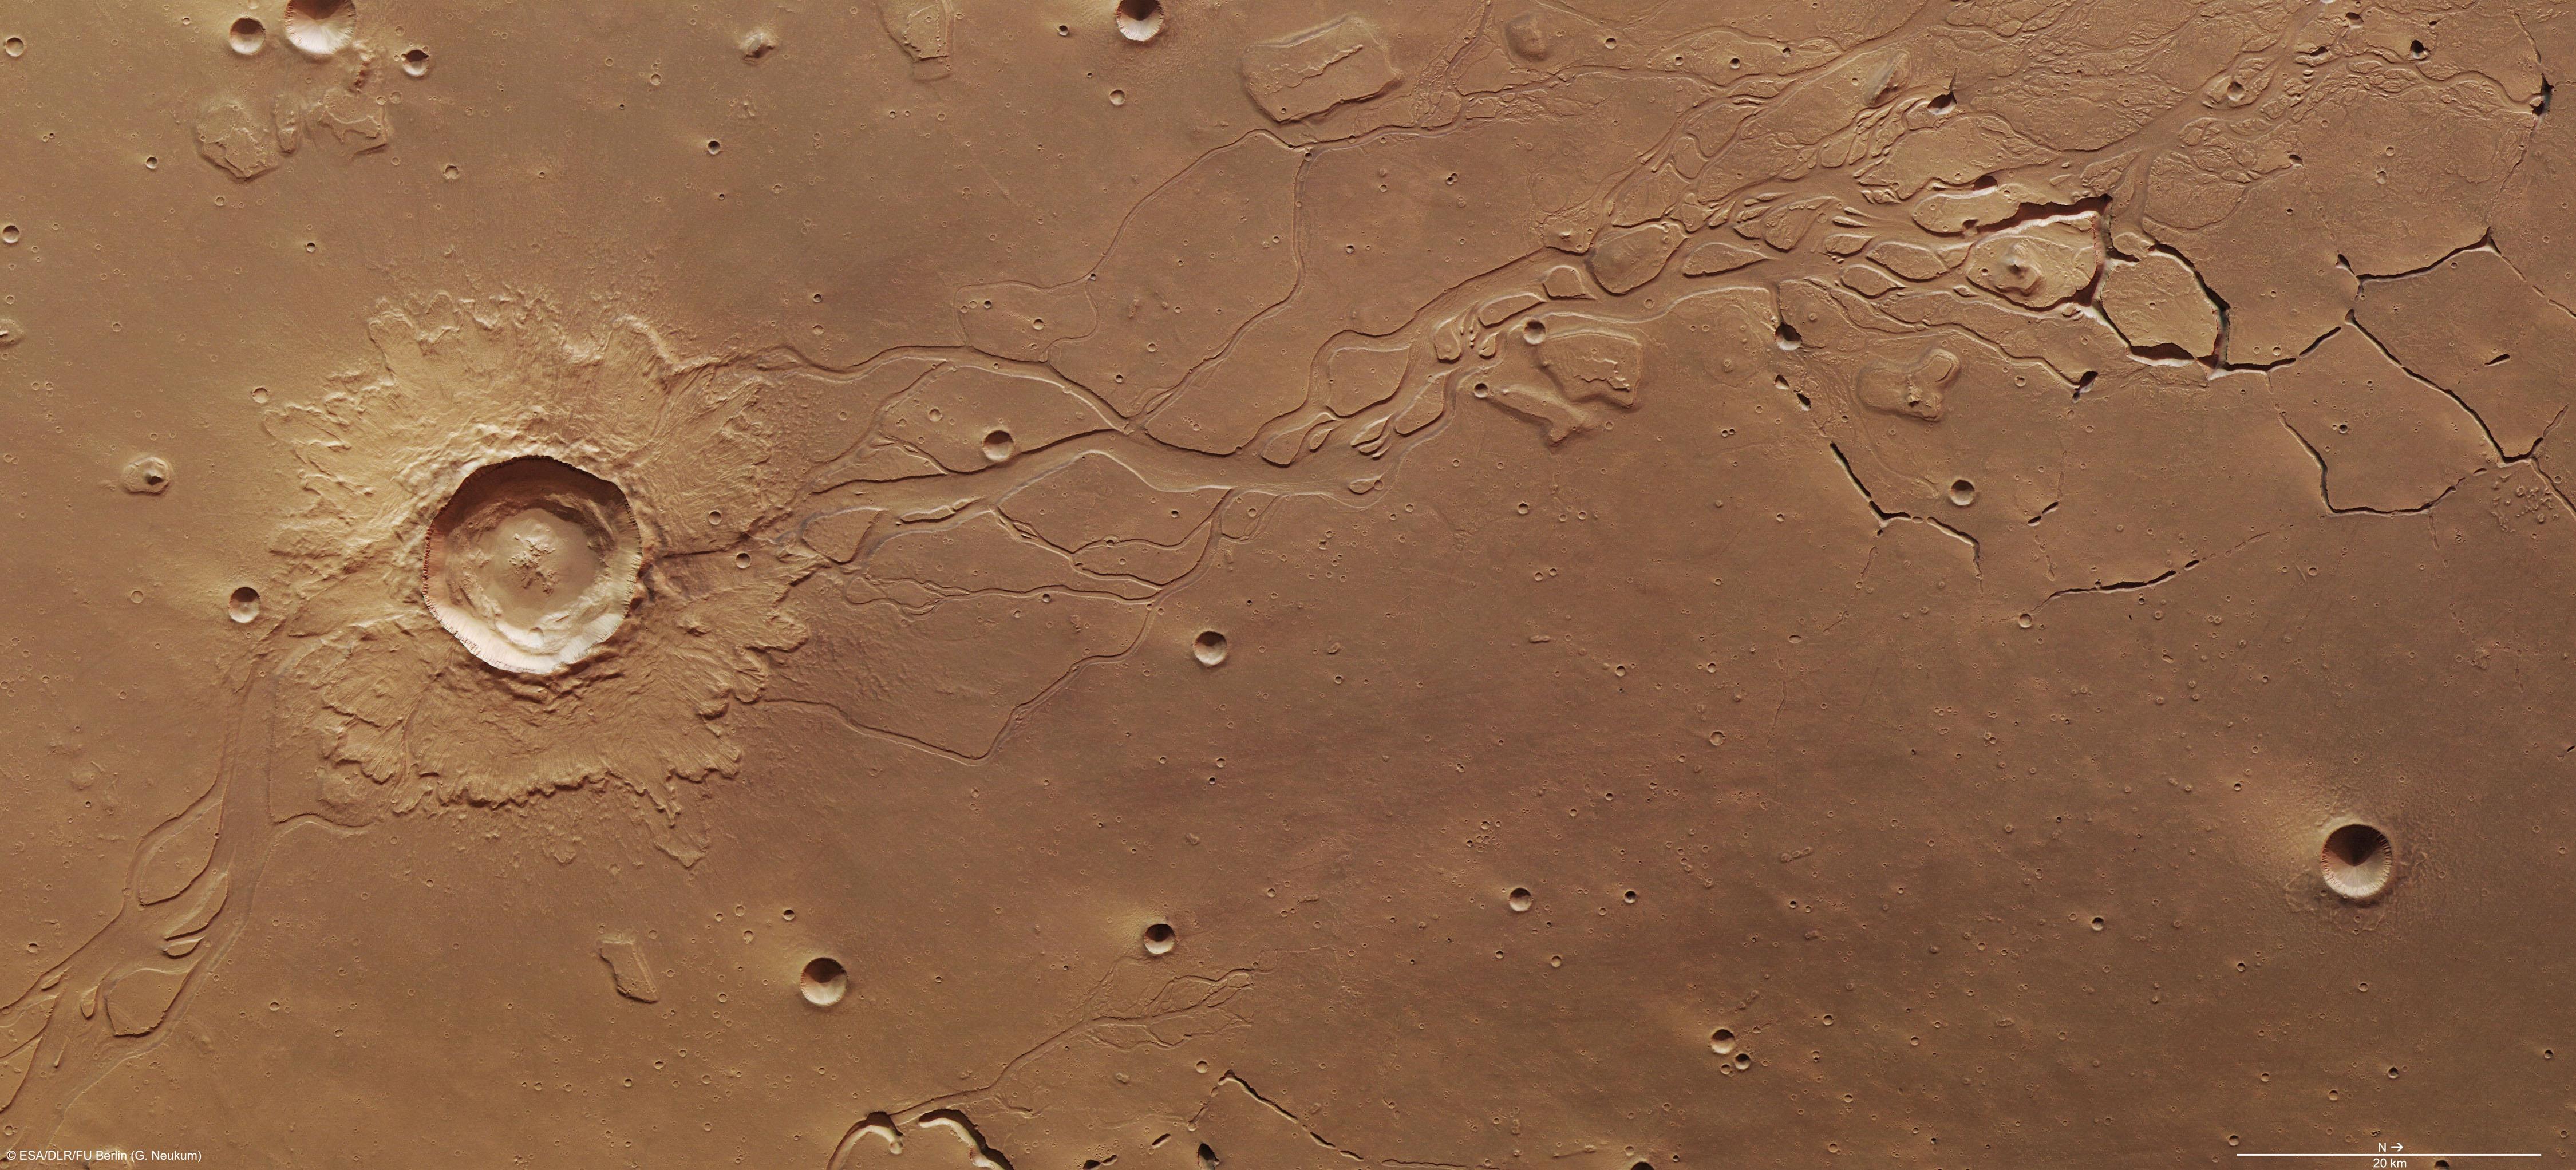 Cratère sur Mars